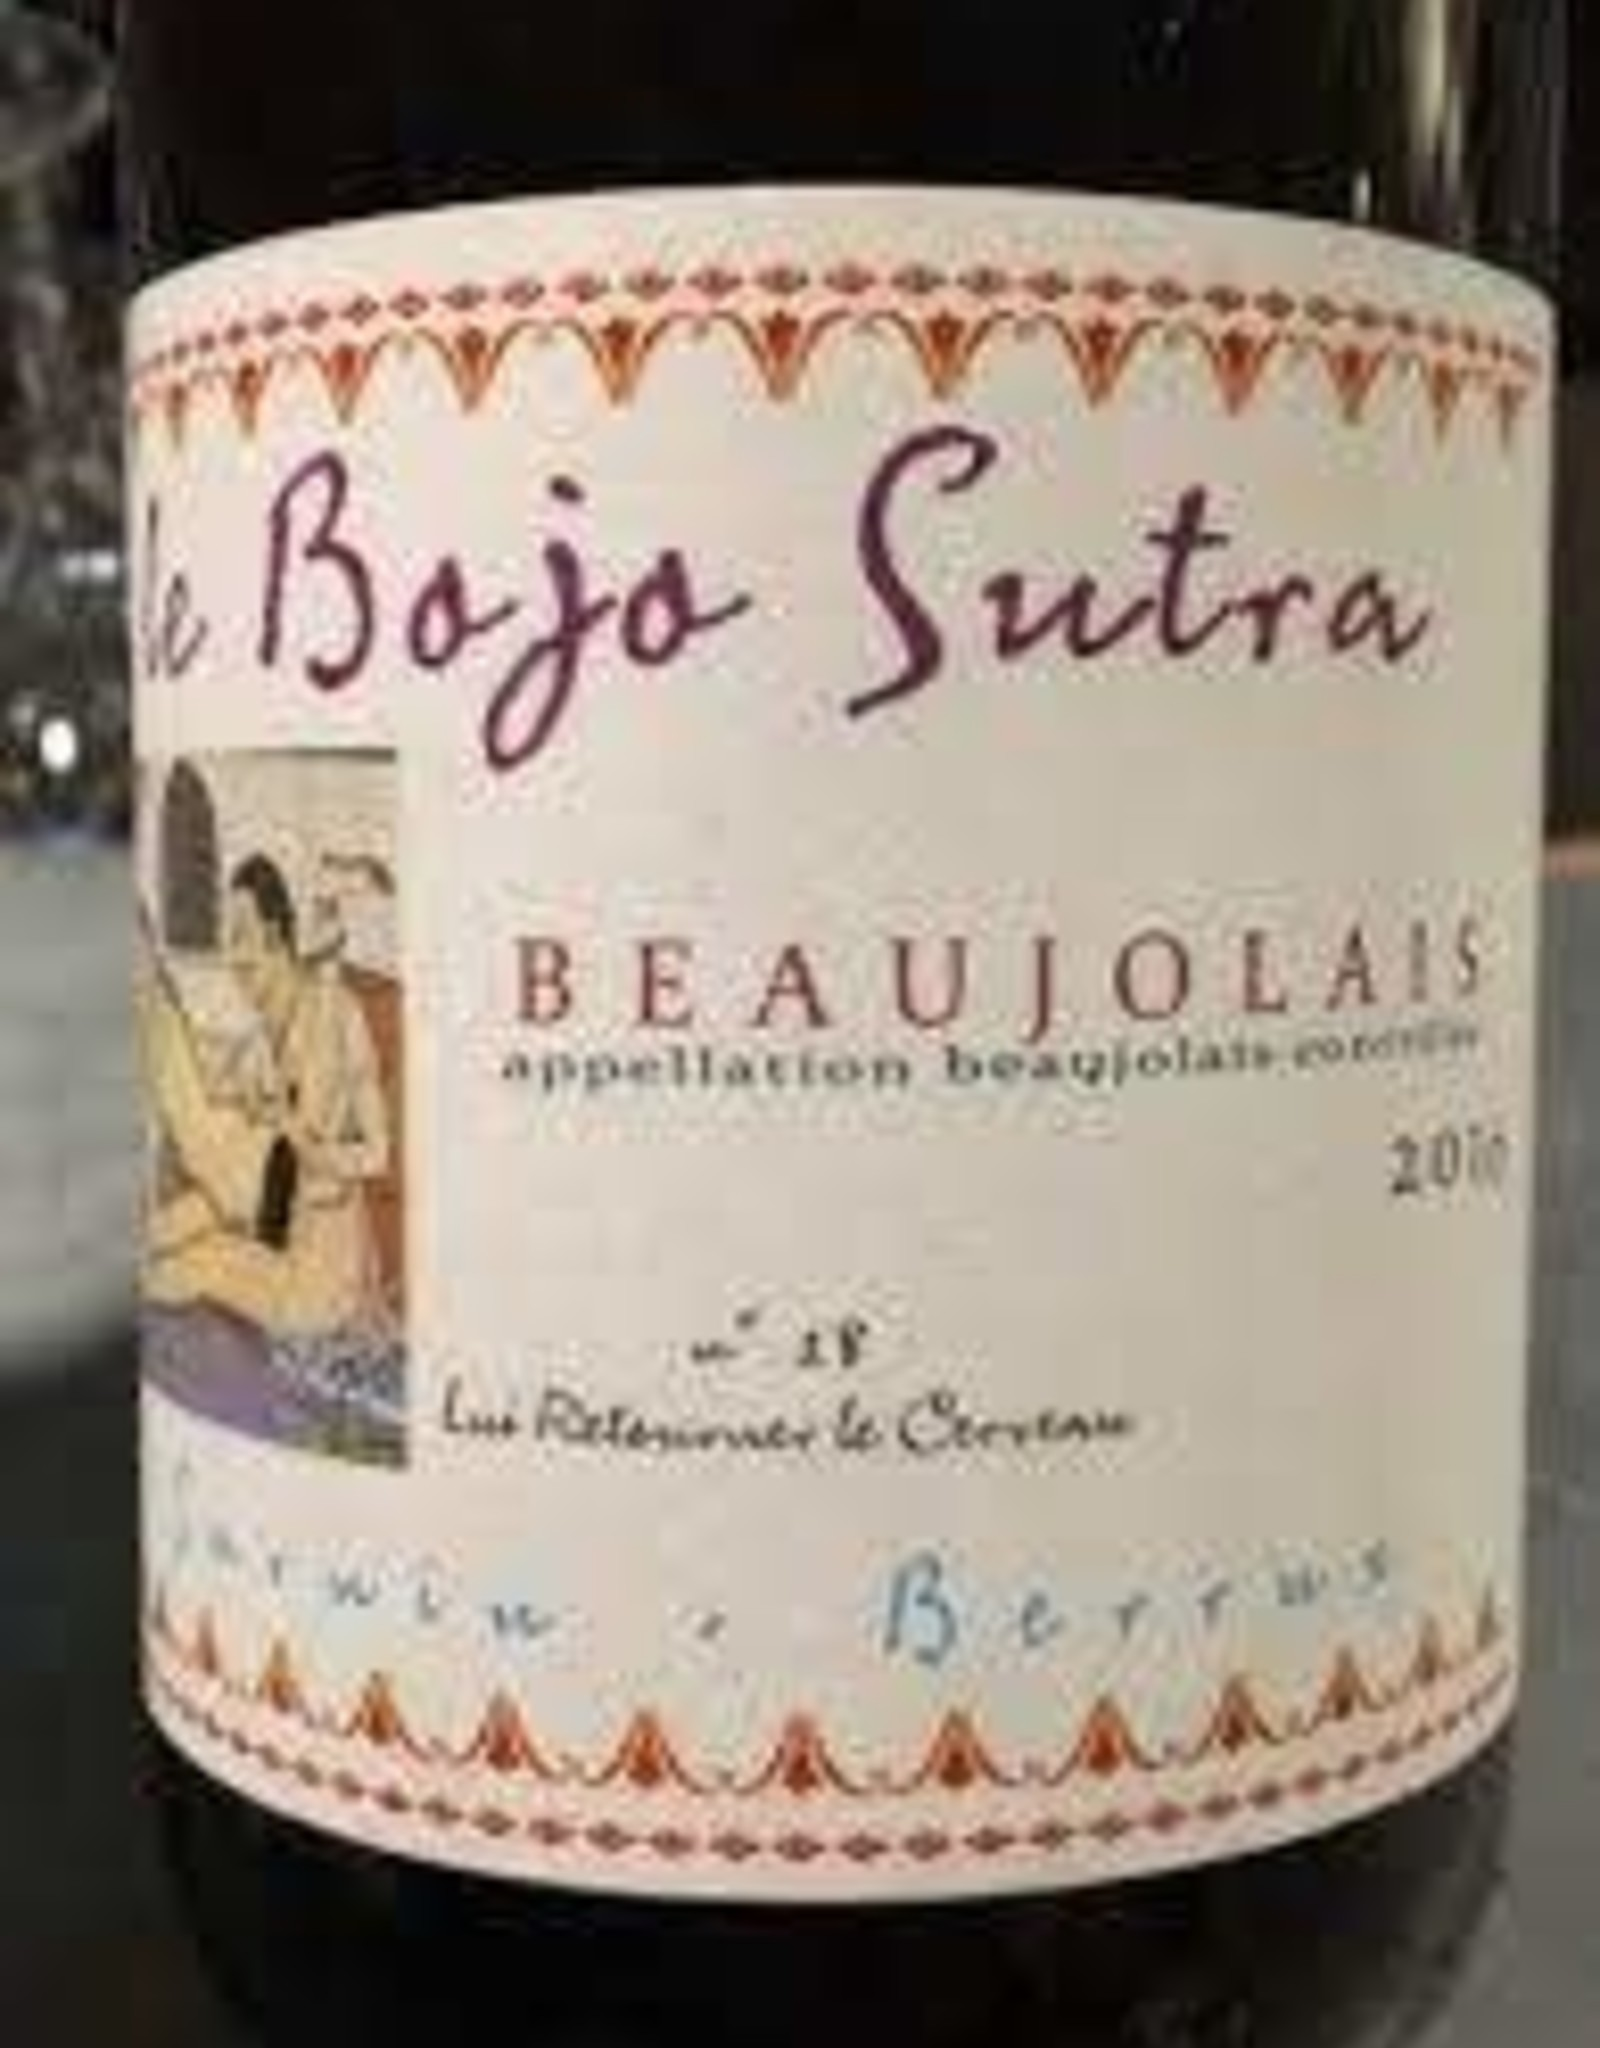 Beaujolais, LE BOJO SUTRA, Sarnin-Barruz 2019